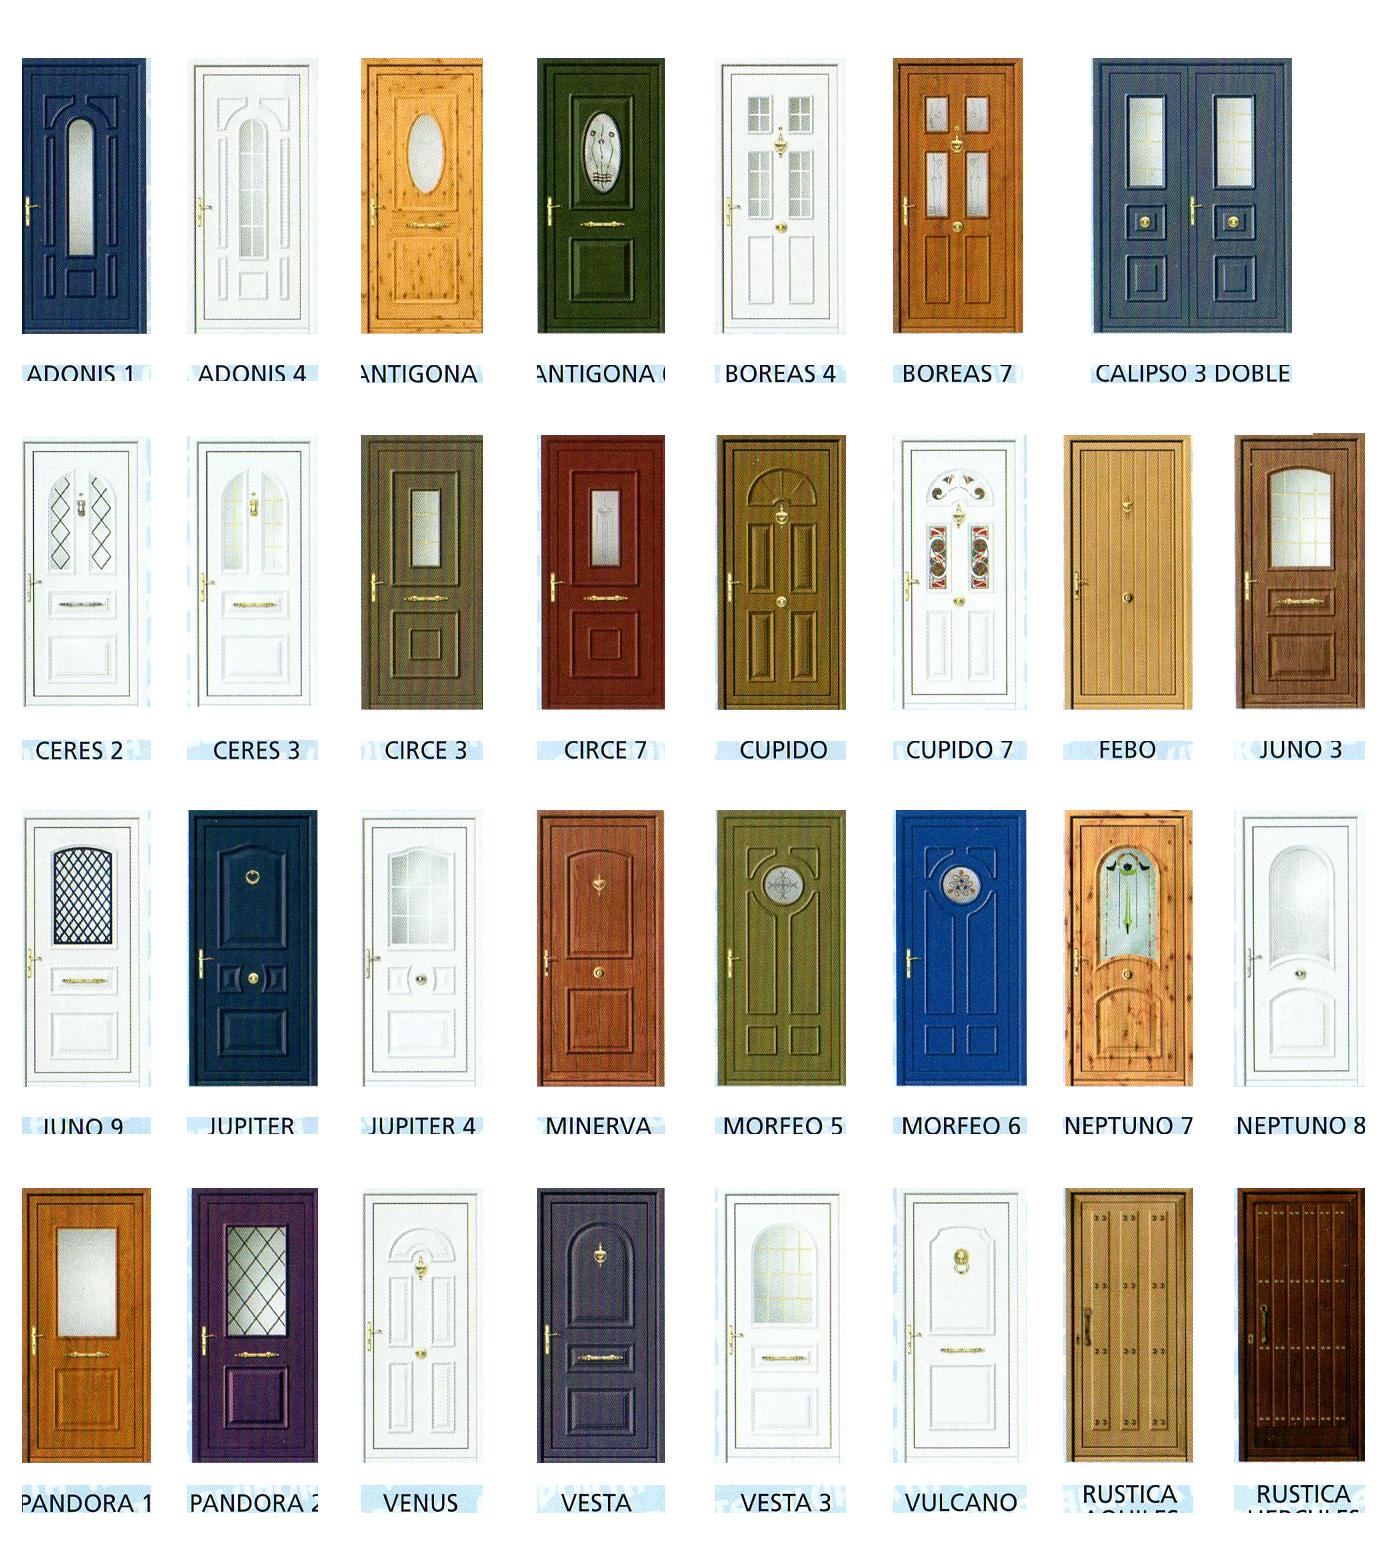 Puertas de aluminio y cerramientos catalogo puertas de for Catalogo puertas metalicas